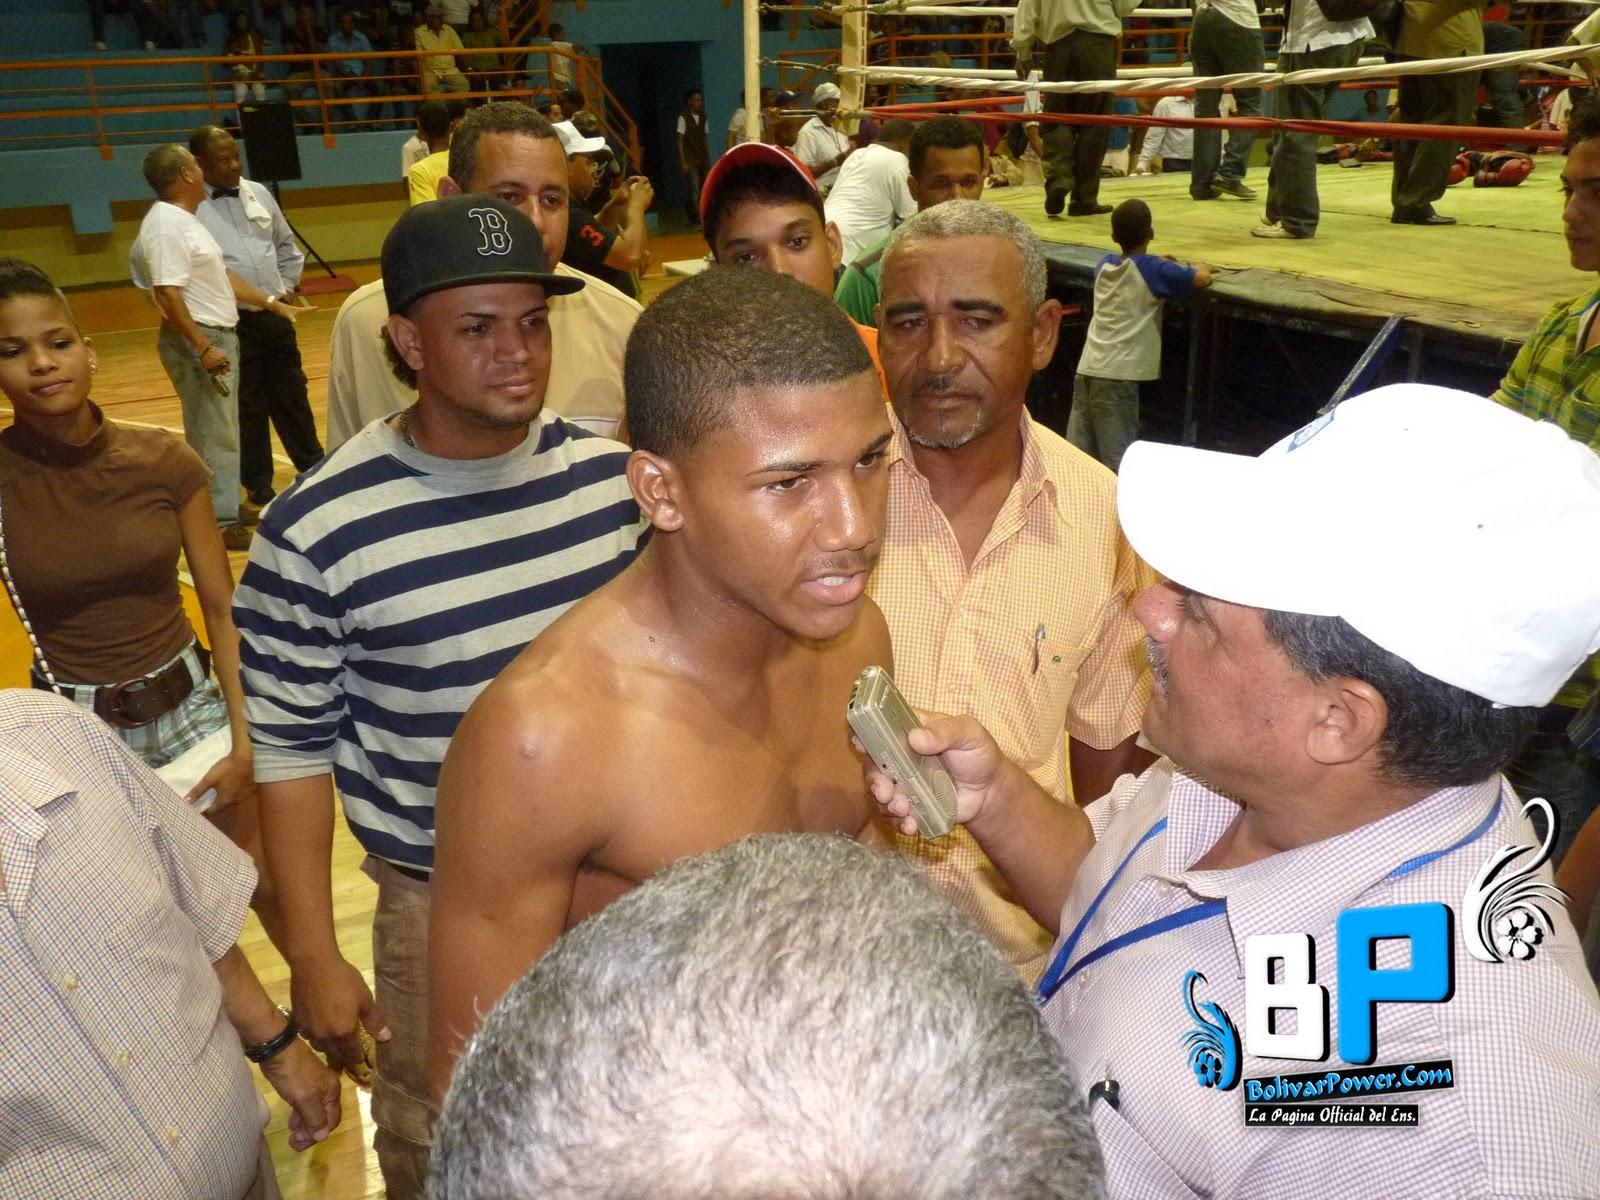 ver fotos pelea de yohan vasquez boxeador de bolivarpower y representante del ensanche bolivar bolivarpower bolivarpower